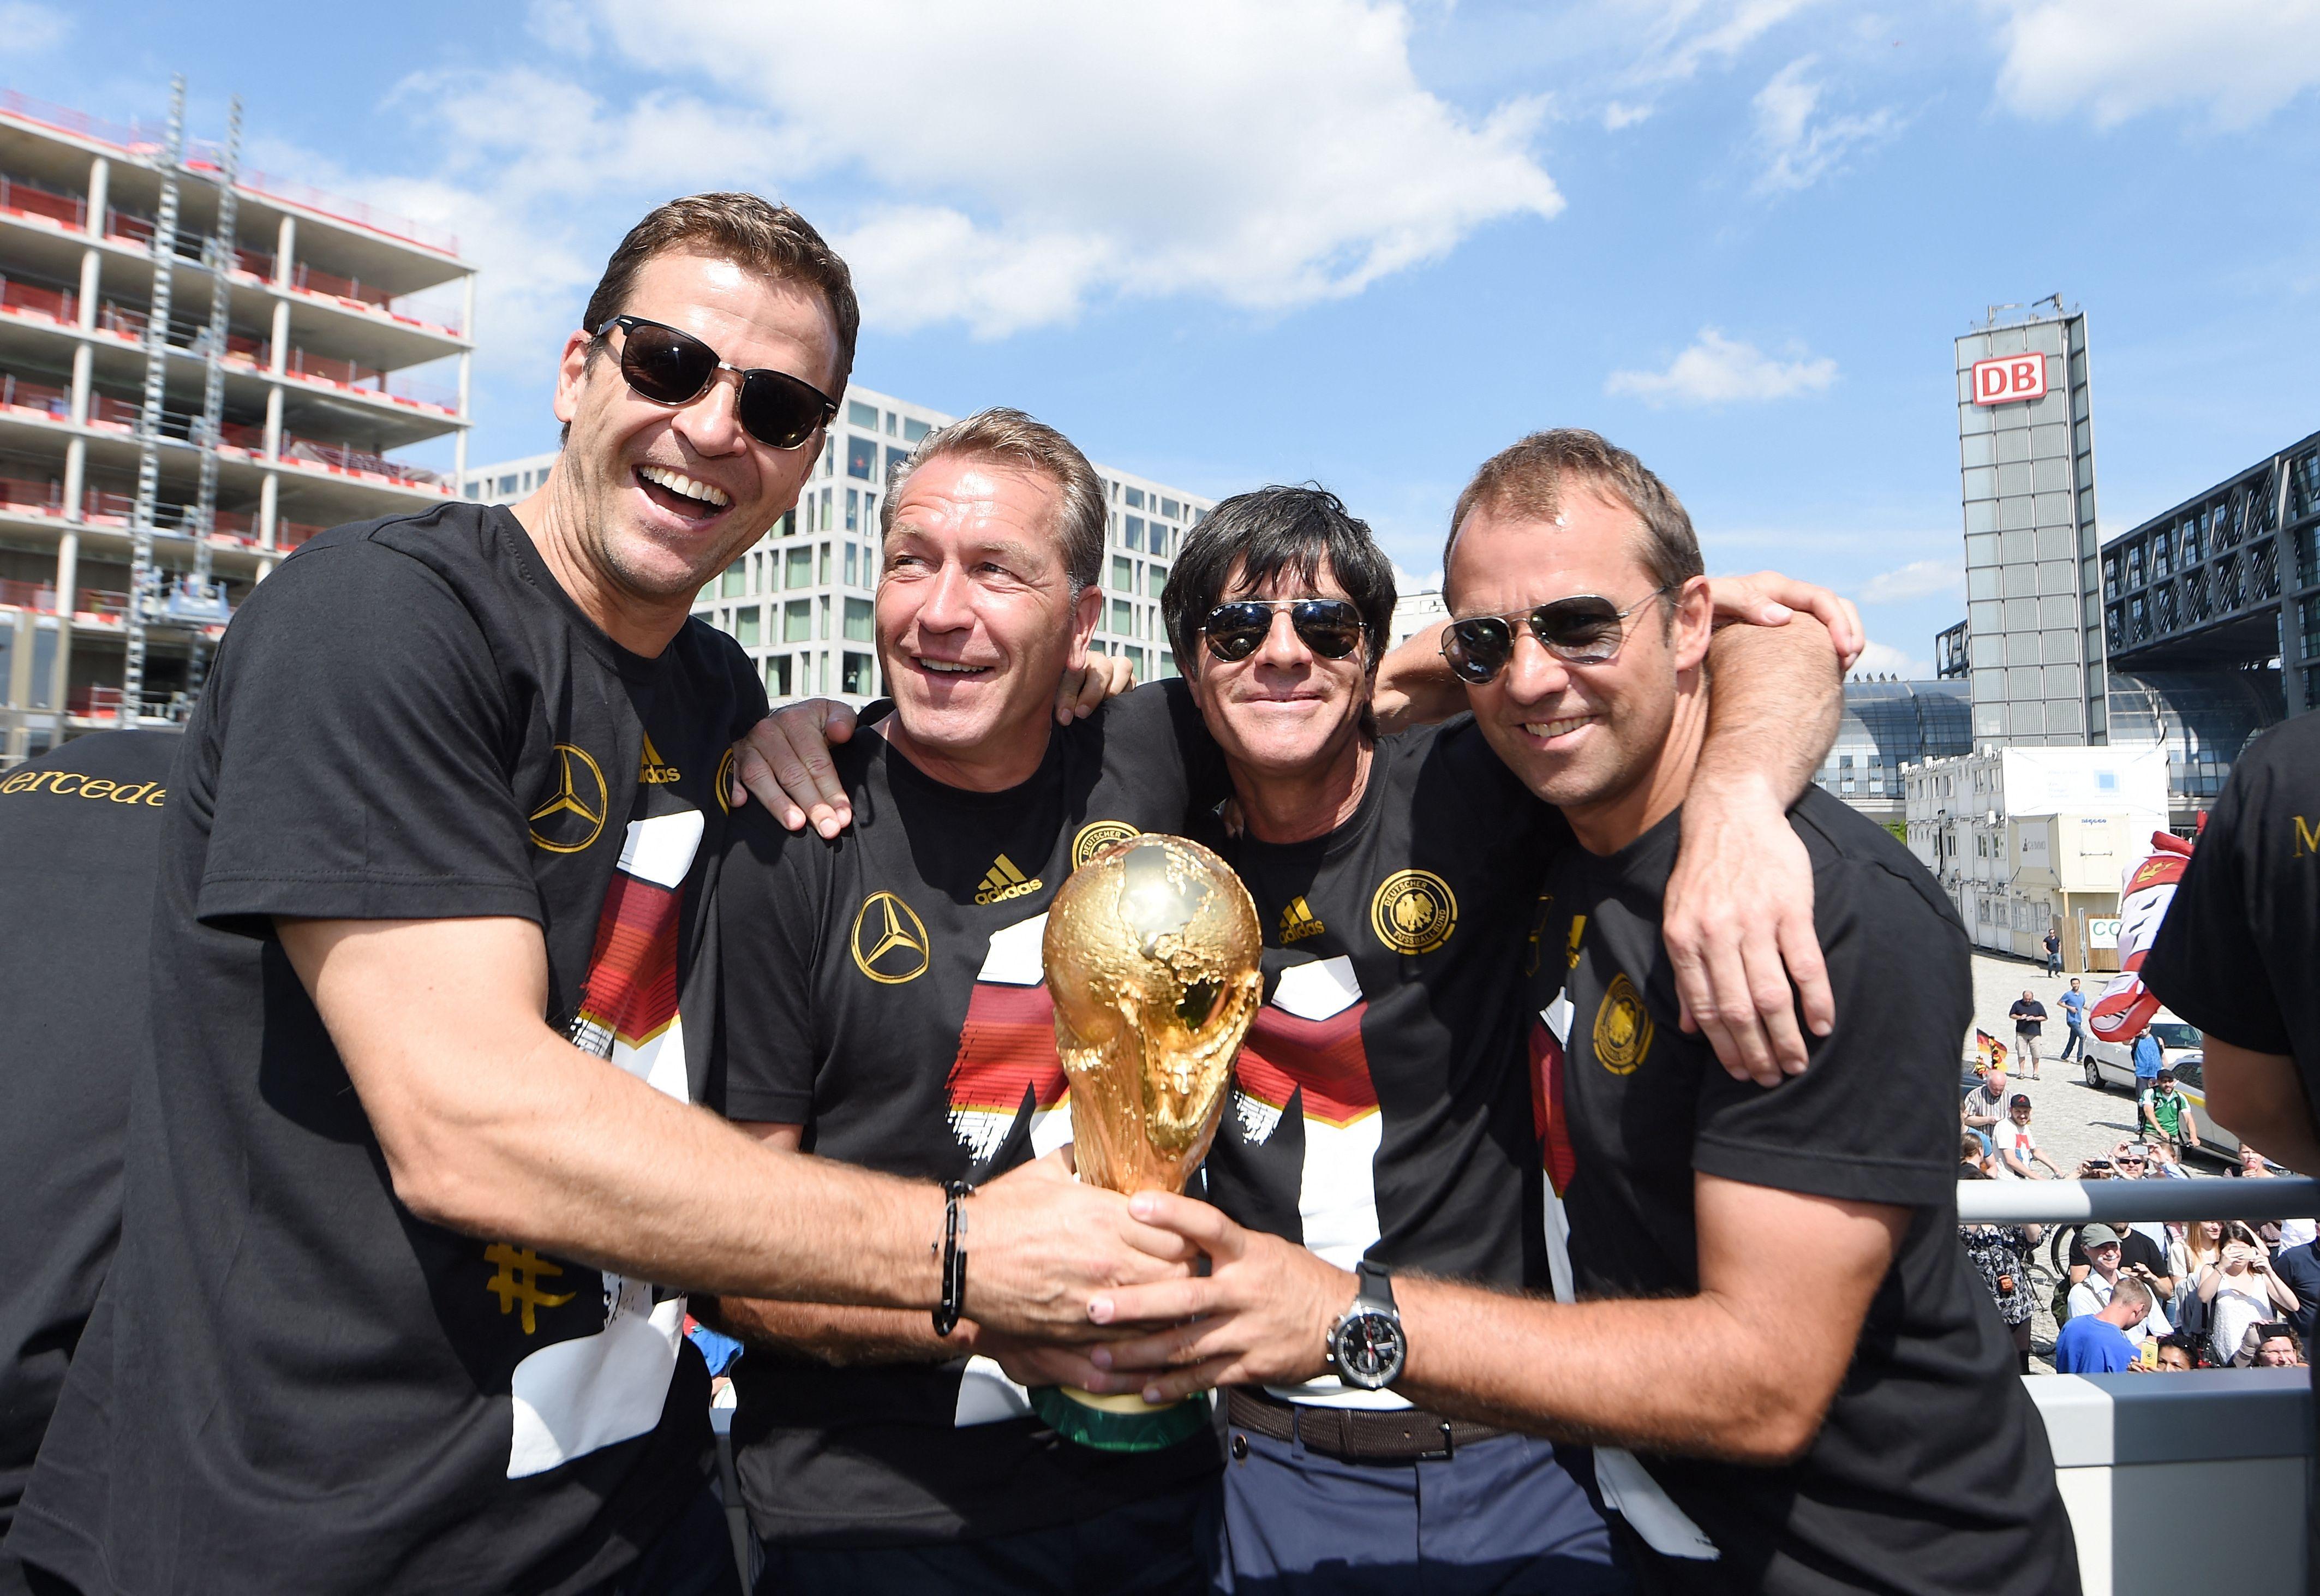 Hansi Flick (à droite) ici avec Joachim Low en photo souvenir avec la coupe du monde remportée par les Allemands lors du mondial brésilien.